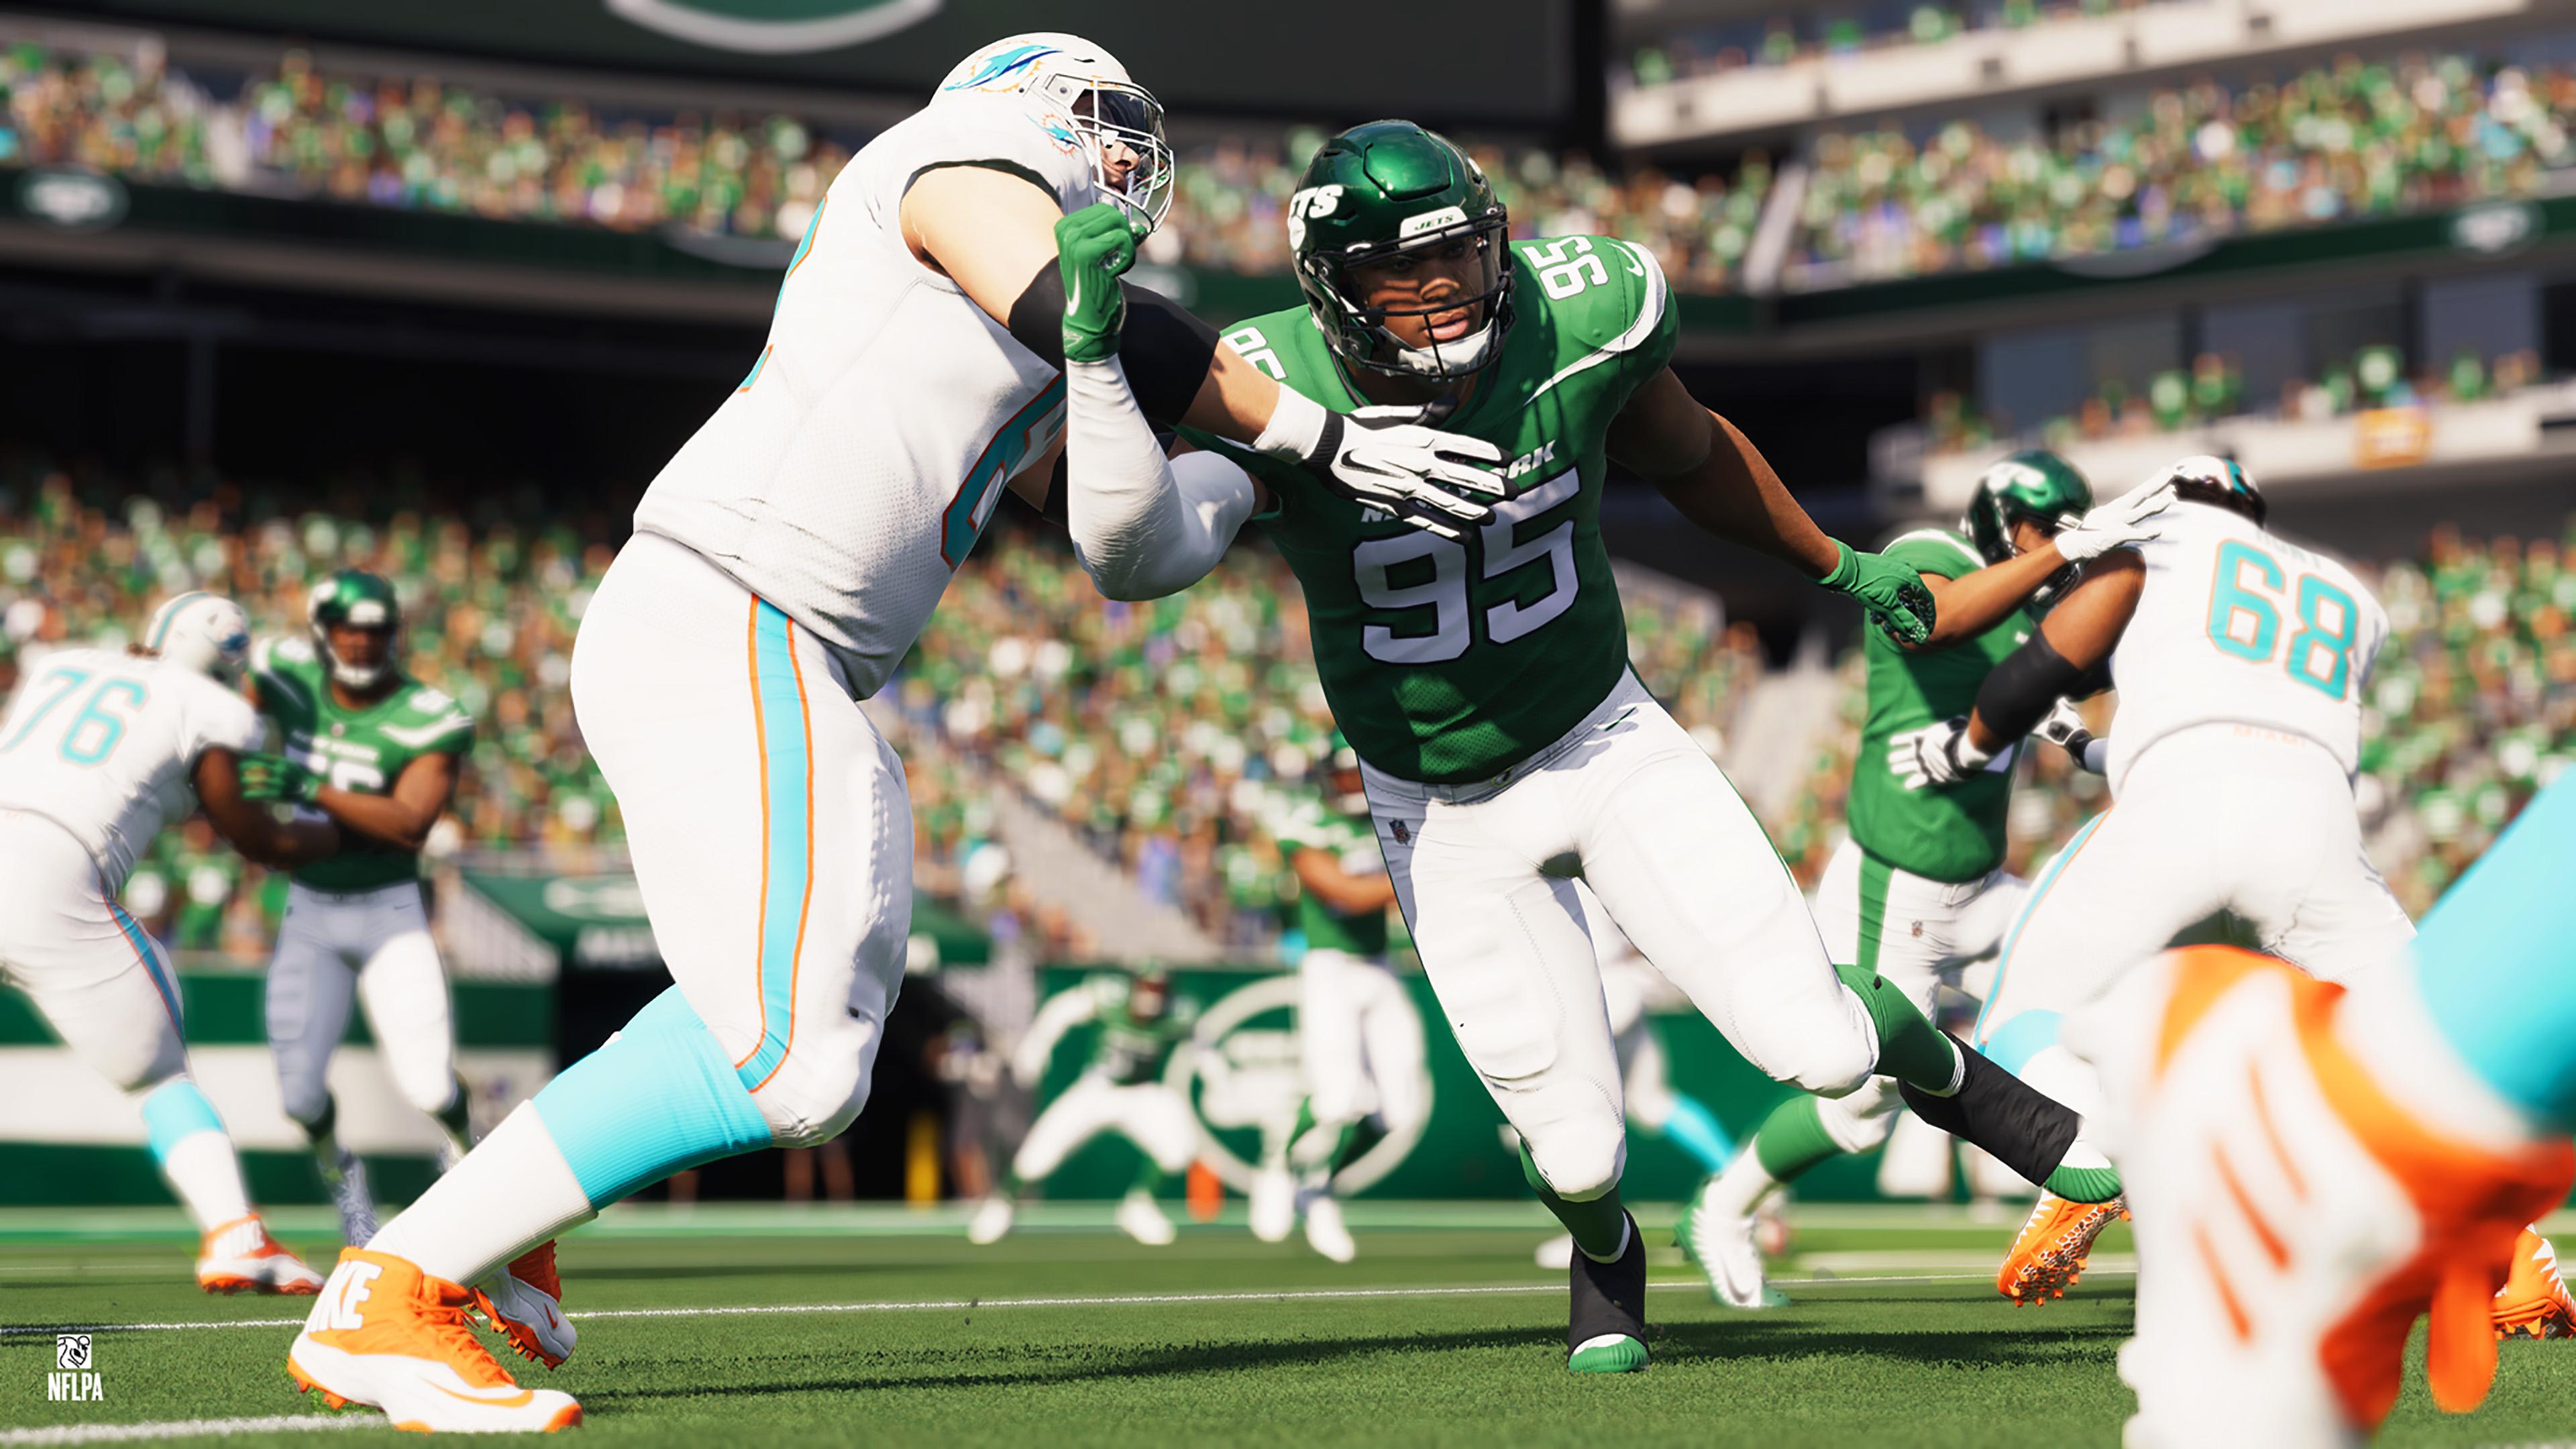 Скриншот №4 к Madden NFL 22 Издание MVP для PS4 и PS5